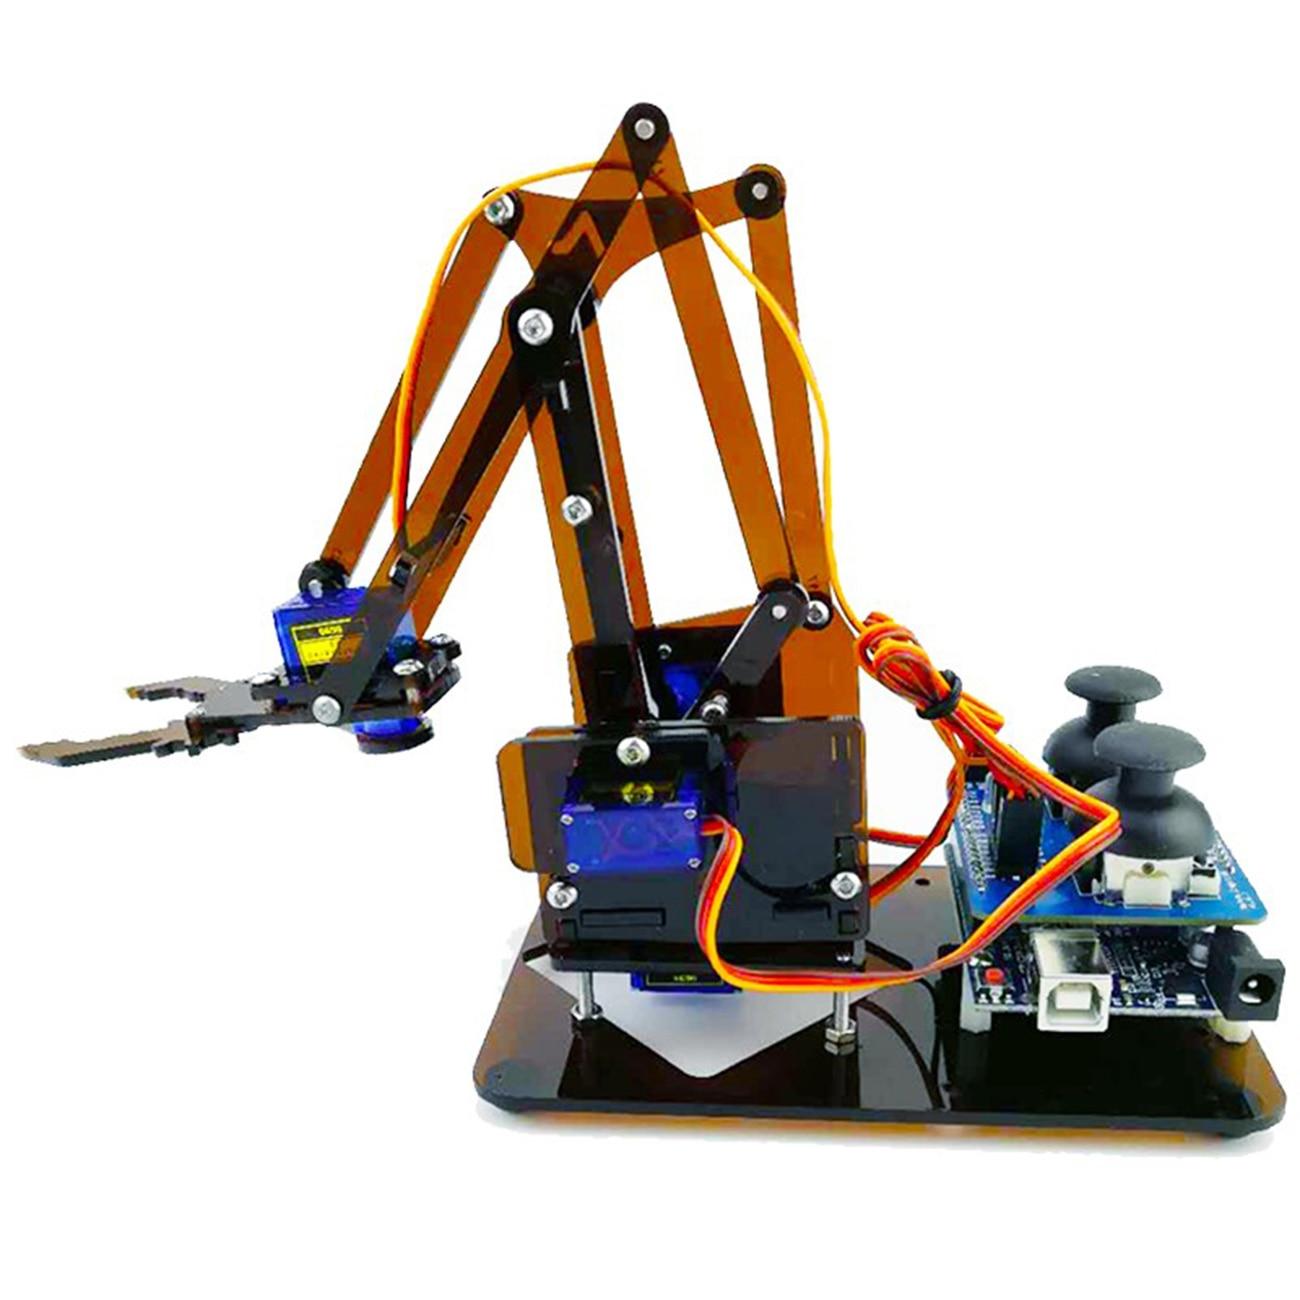 Controlador de braço mecânico acrílico 4 dof, garra para brinquedo, kit robô diy